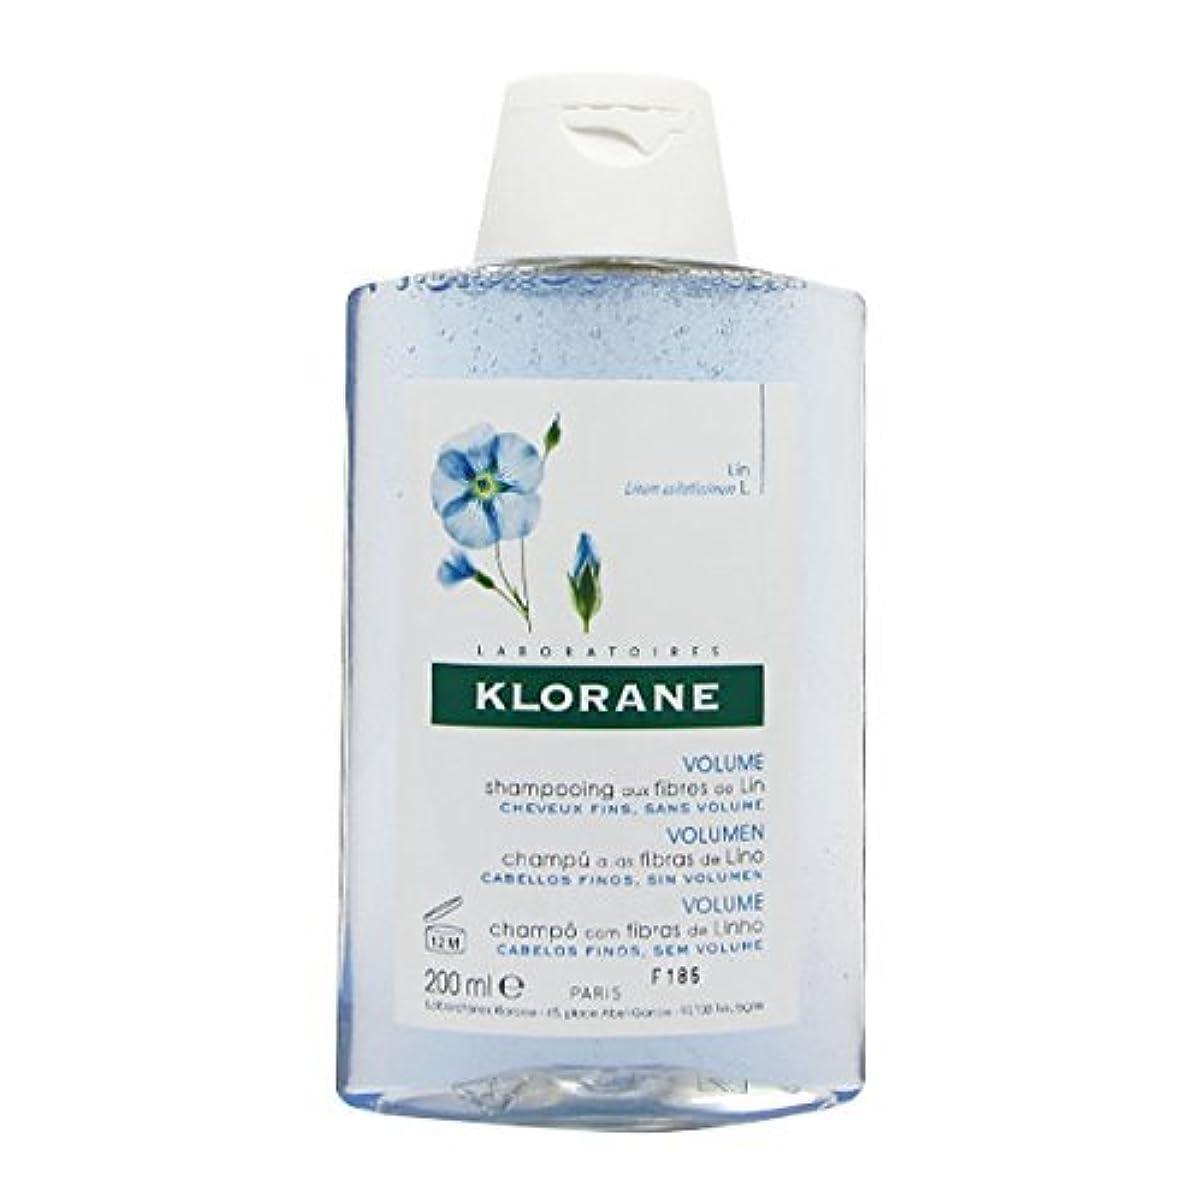 ビル読みやすさソロKlorane Shampoo Flax Fibers Fine Hair 200ml [並行輸入品]